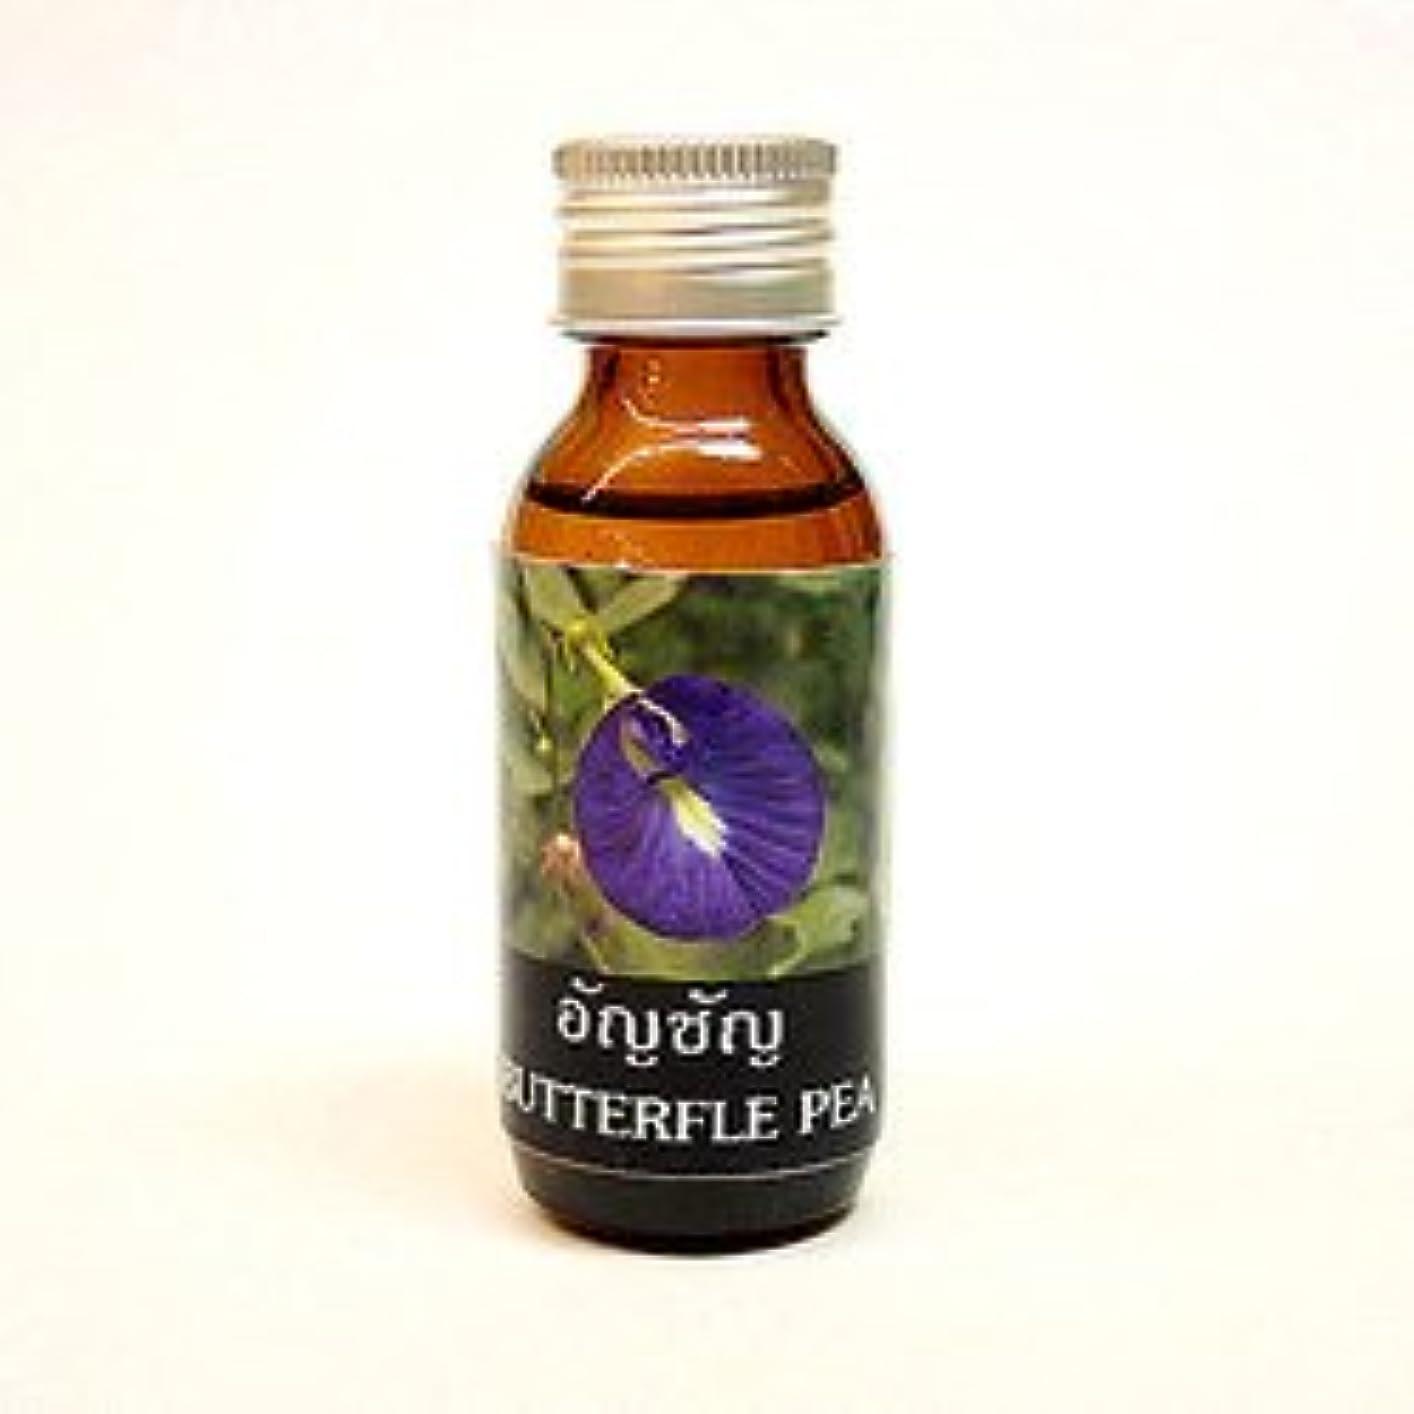 診断する提出するところでバタフライ ペア〔Buttefle Pea〕 アロマテラピーオイル 30ml アジアン雑貨